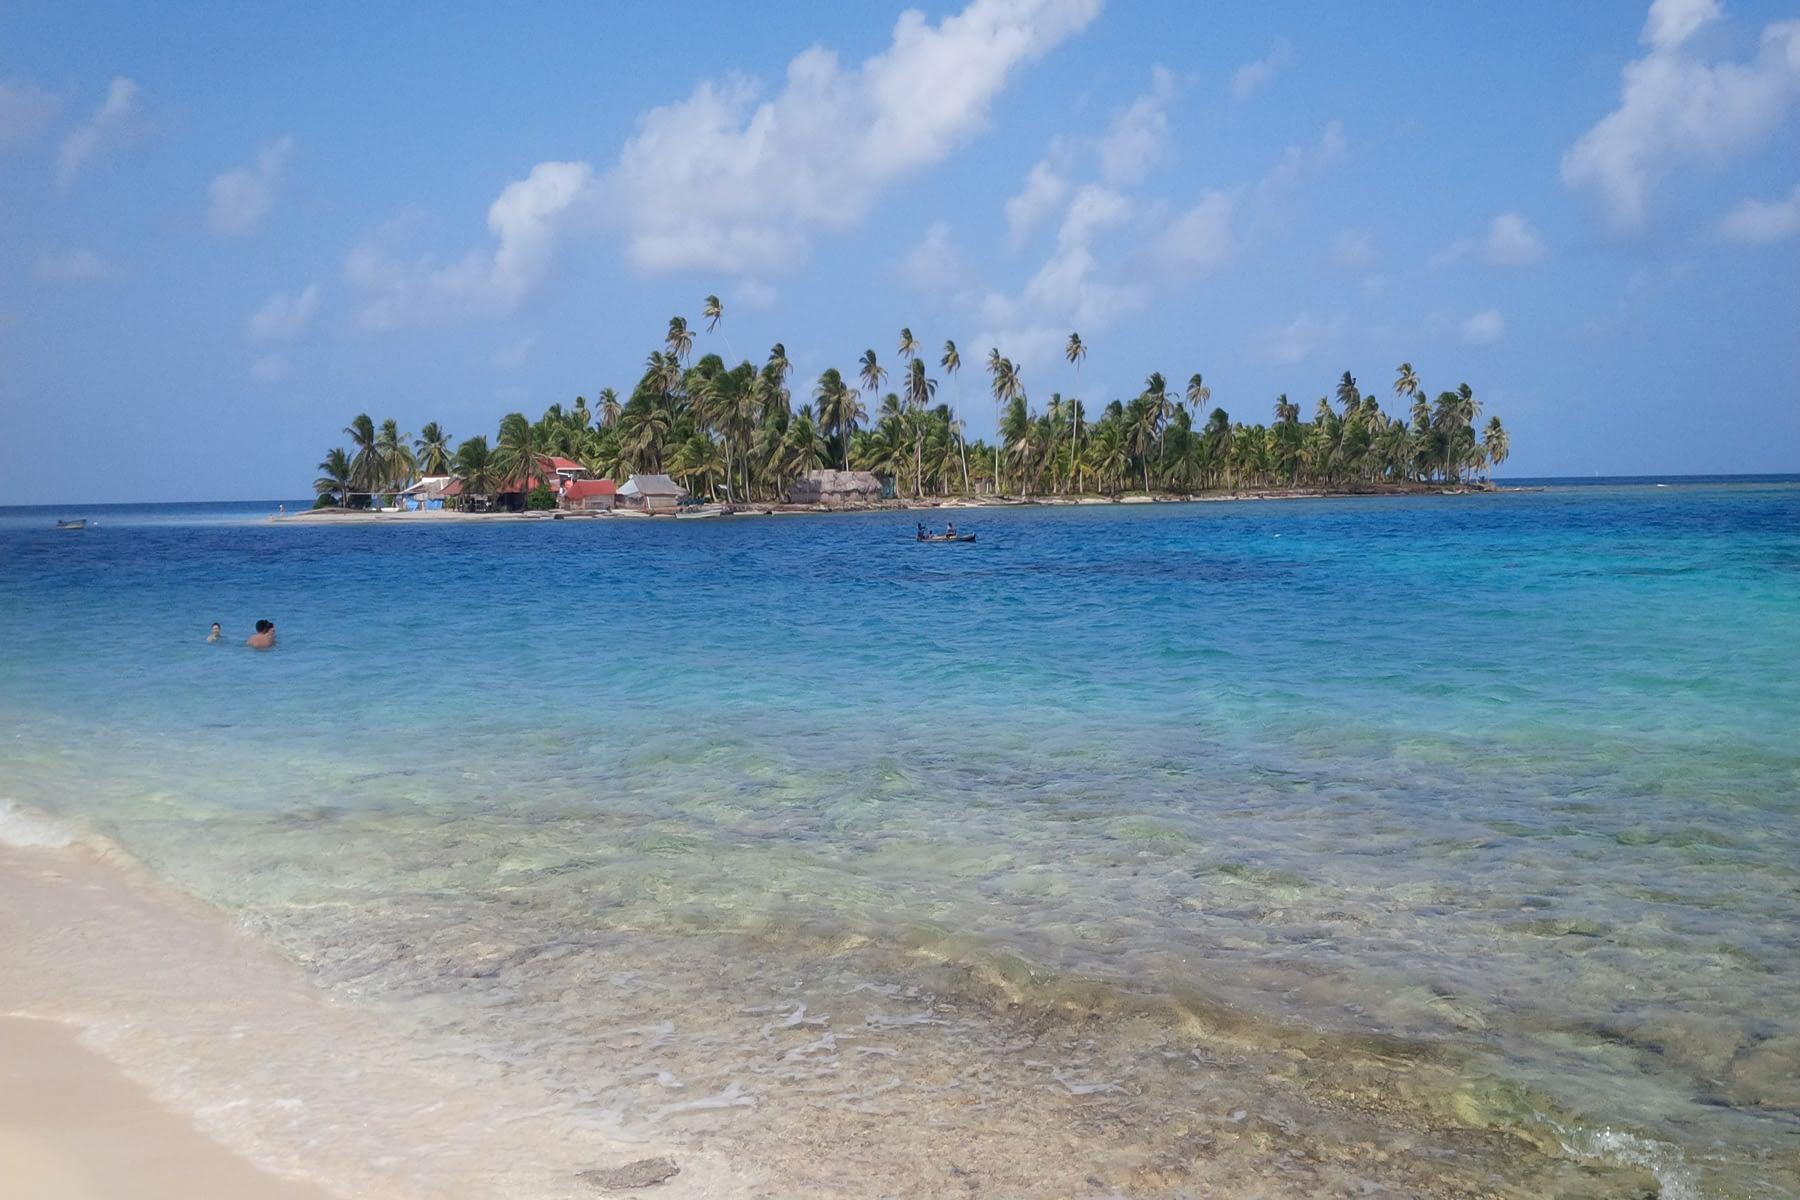 Vista de la Isla Niadub desde la Isla Assudub Bibbi